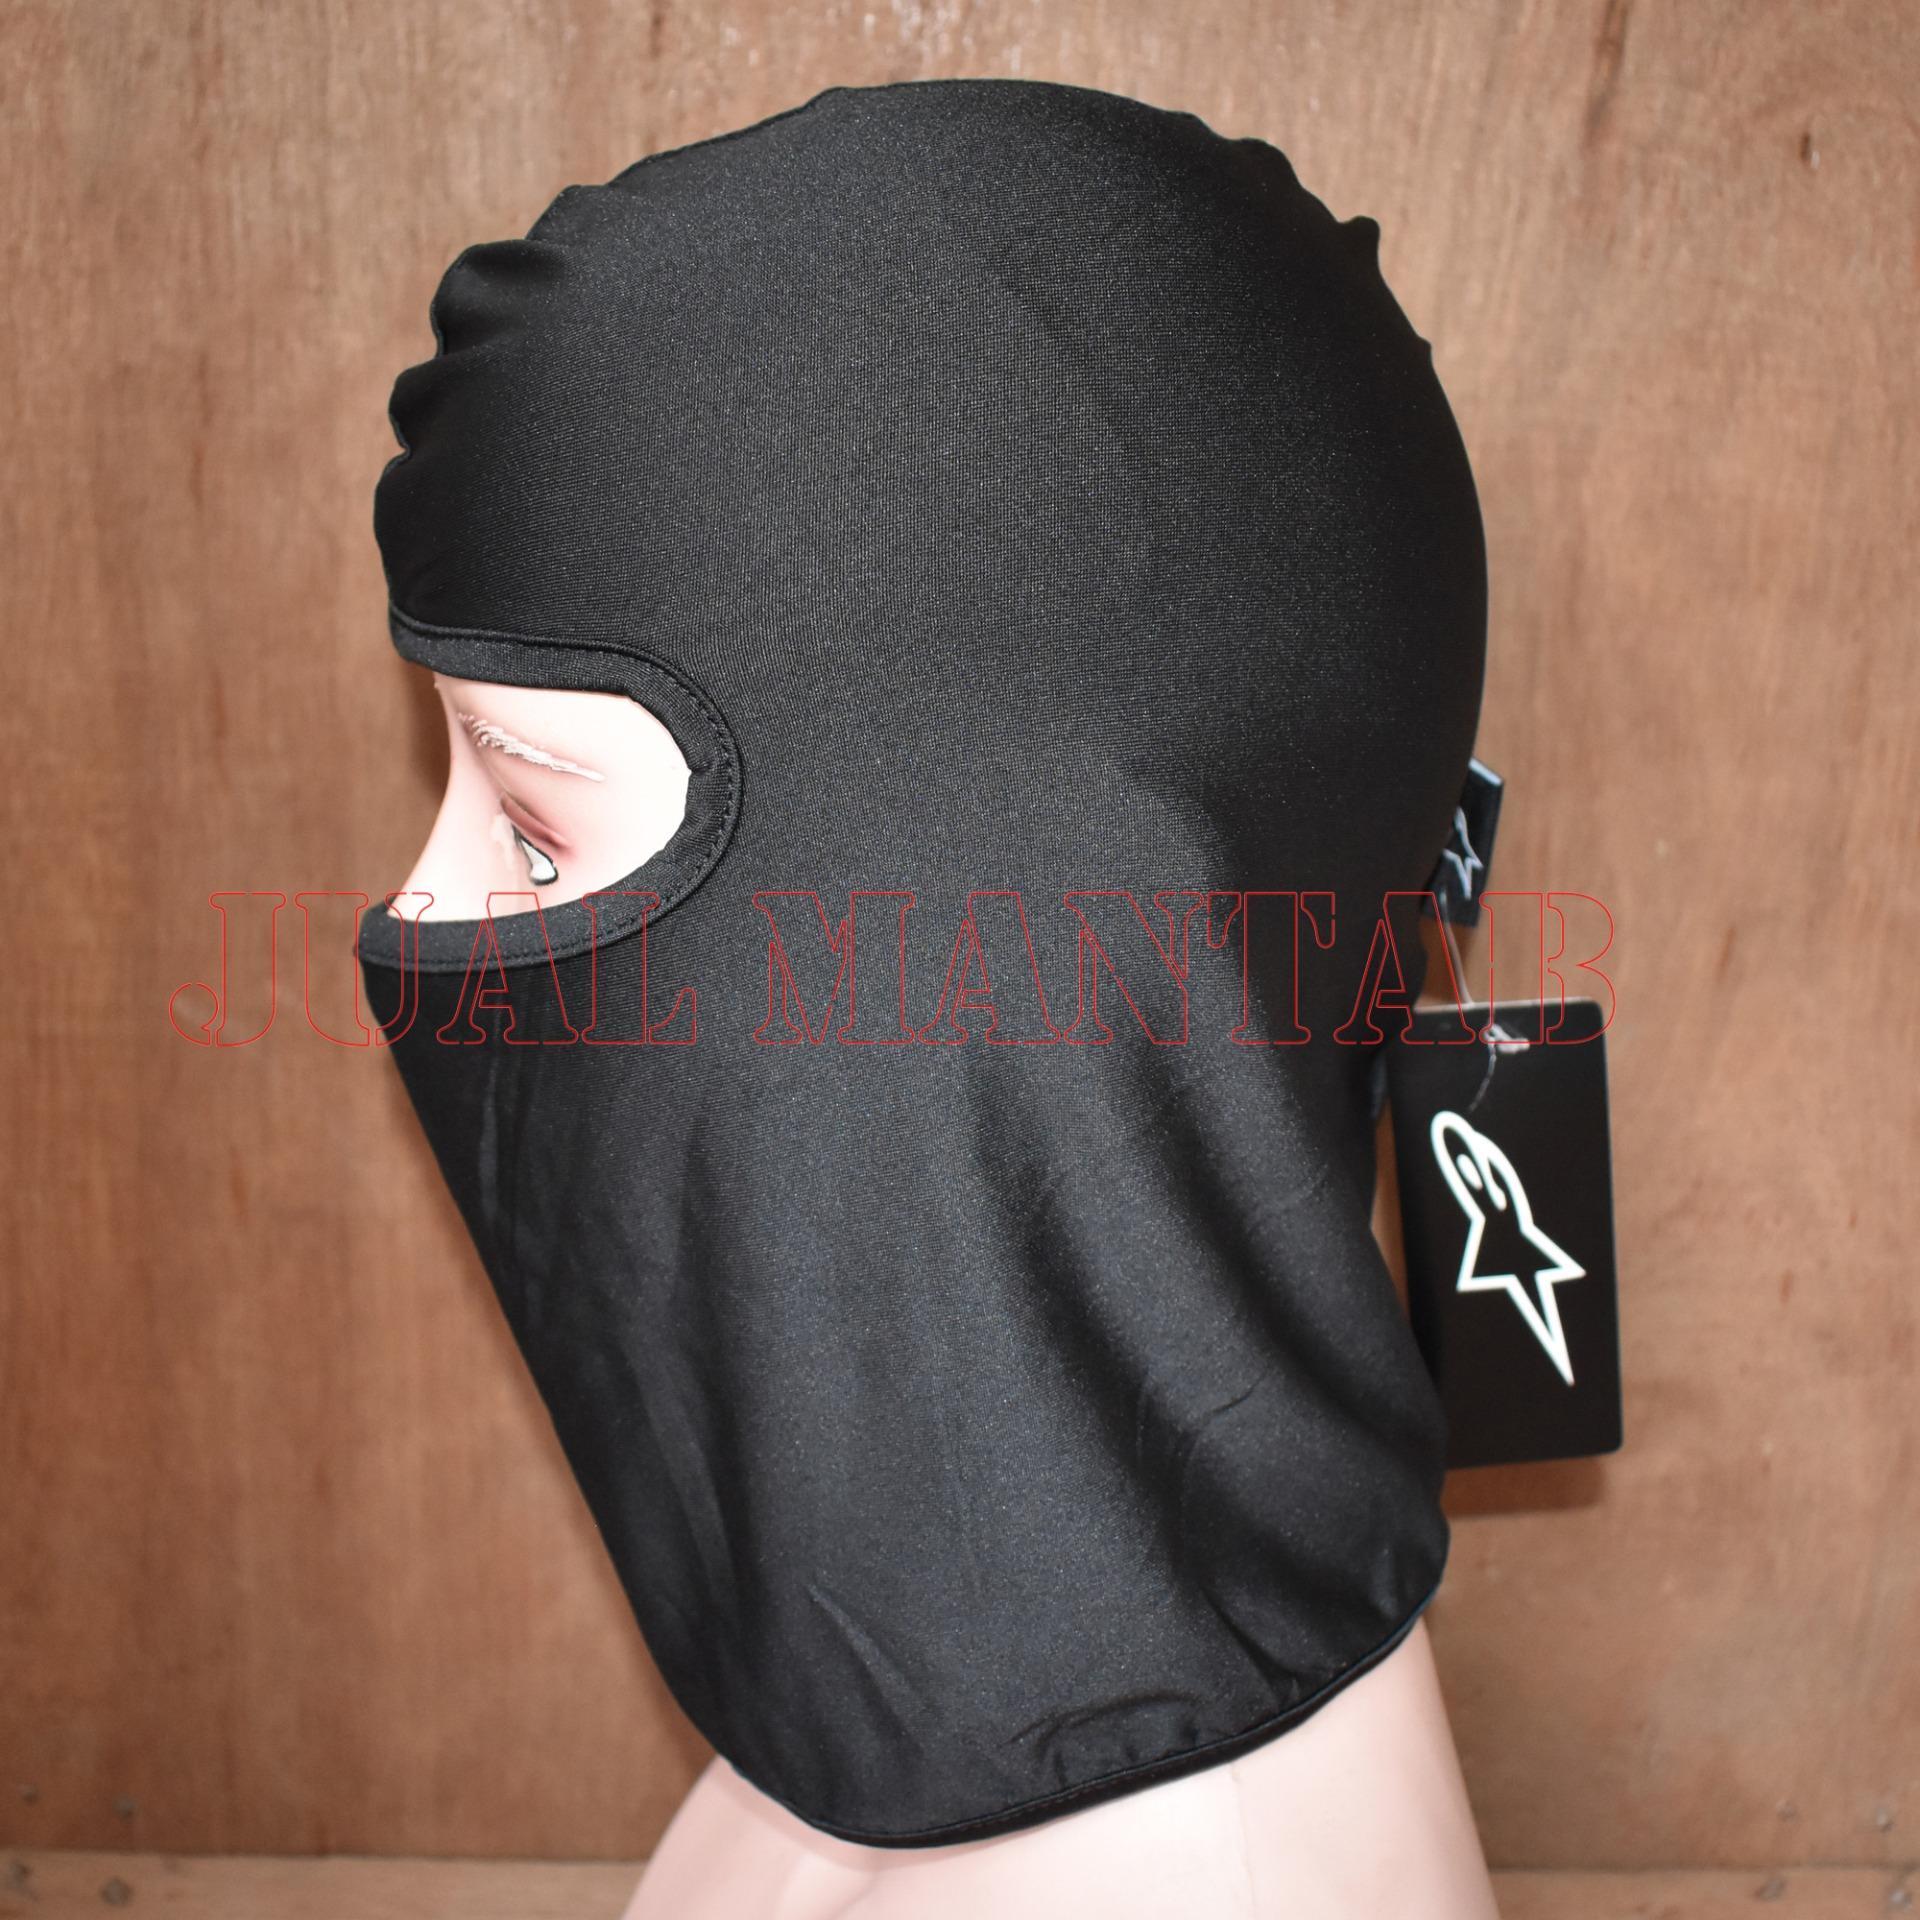 JM Masker Ninja Full - Hitam